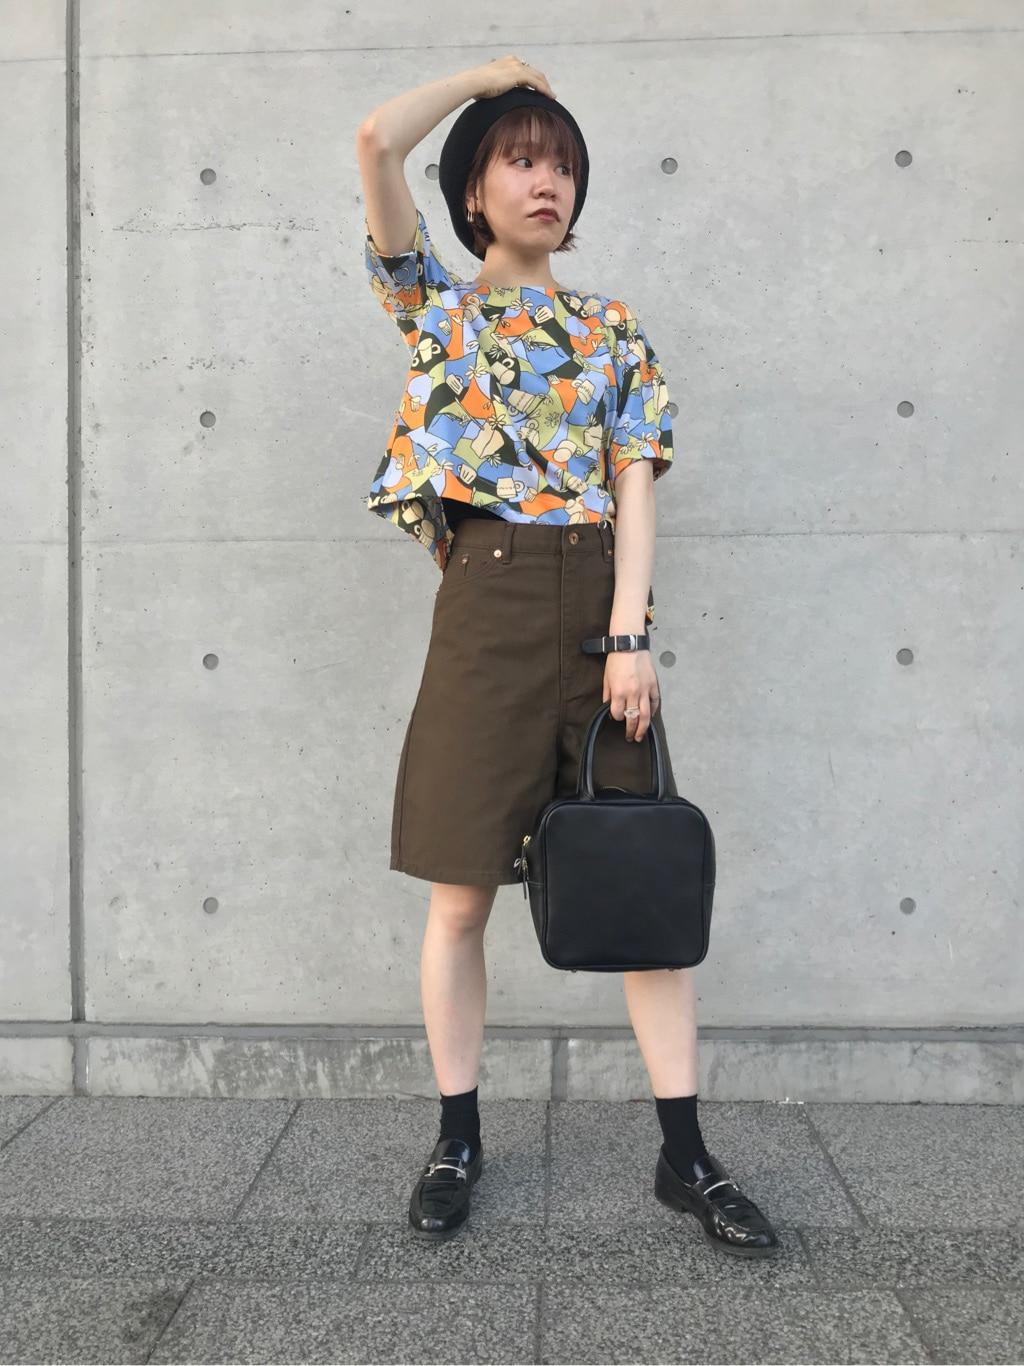 l'atelier du savon 東京スカイツリータウン・ソラマチ 身長:162cm 2020.08.14